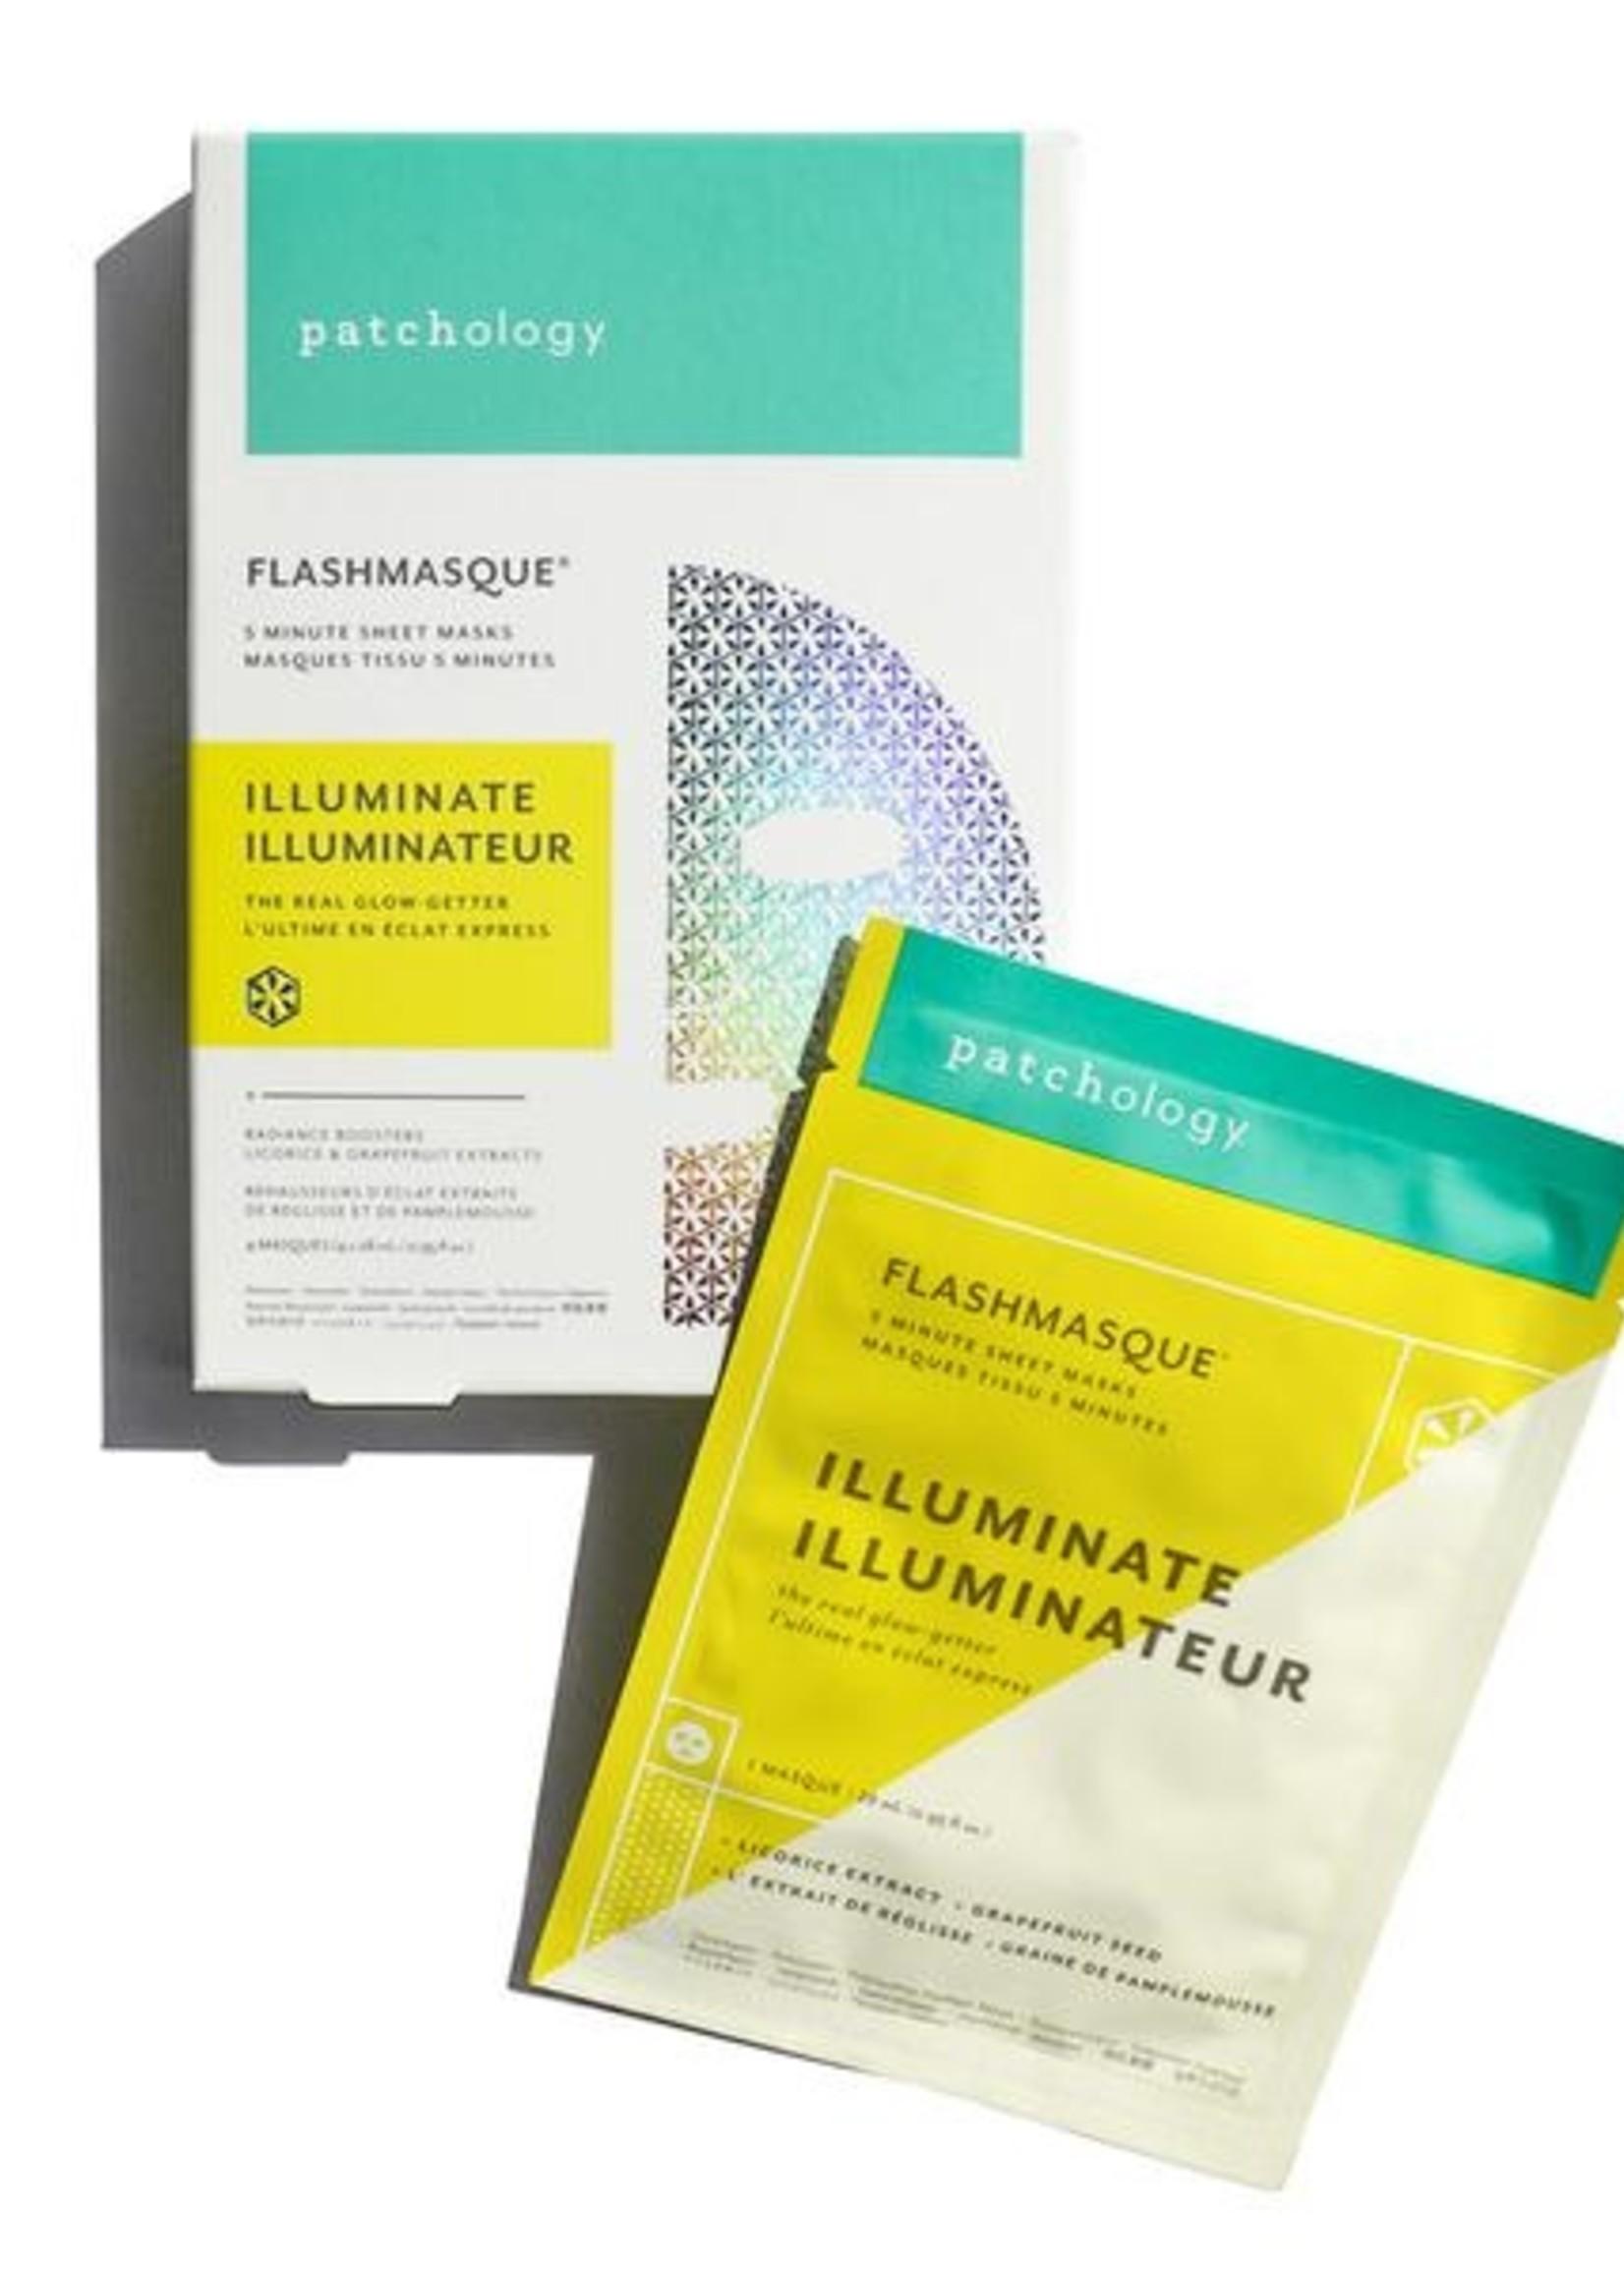 Patchology Flashmasque Illuminateur 5 minutes par Patchology